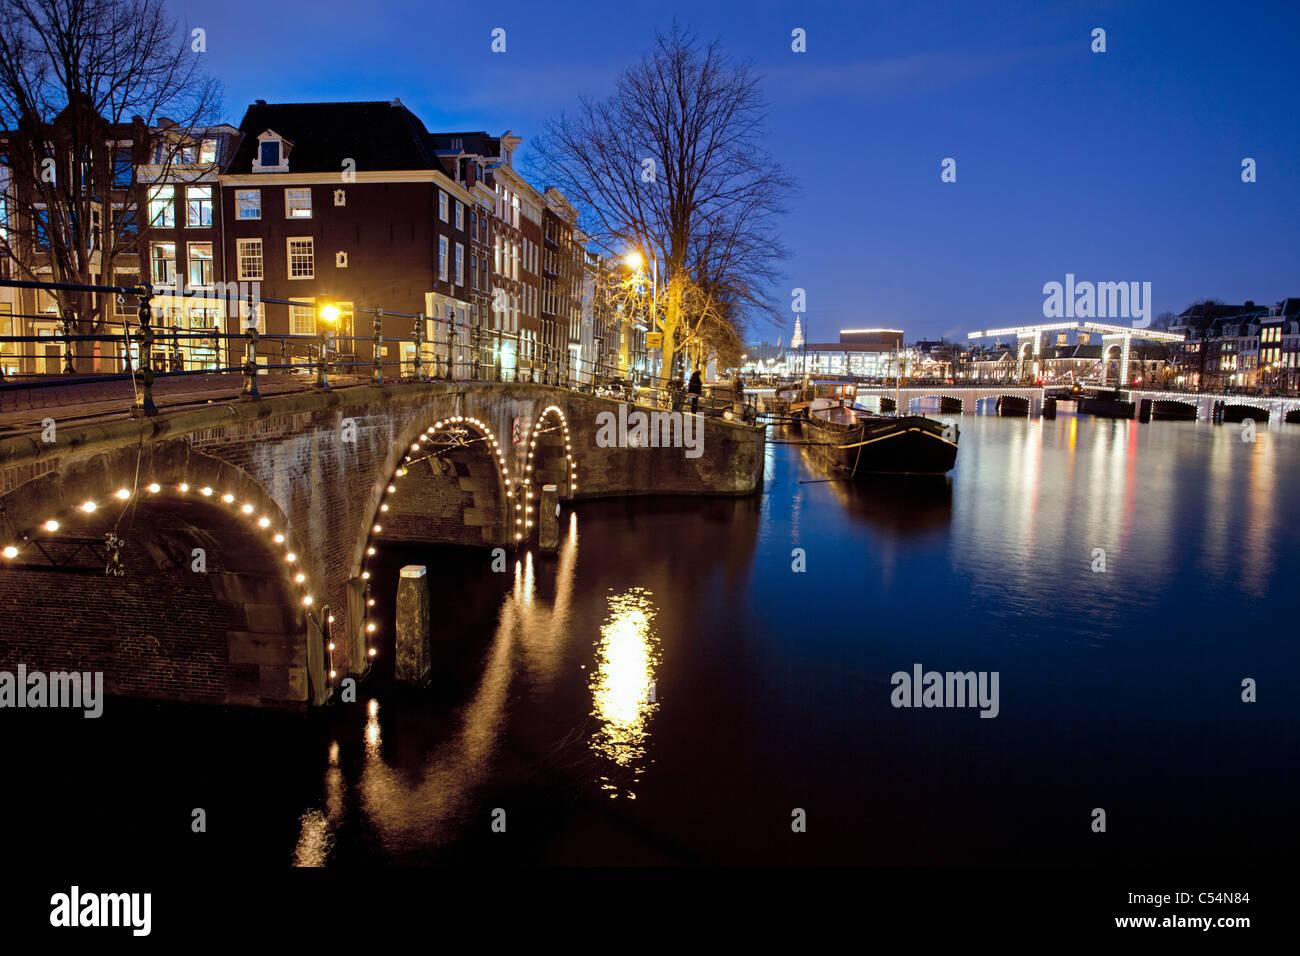 I Paesi Bassi, Amsterdam, xvii secolo ospita a chiamato sul fiume Amstel. Sullo sfondo il ponte Magro. Crepuscolo. Immagini Stock